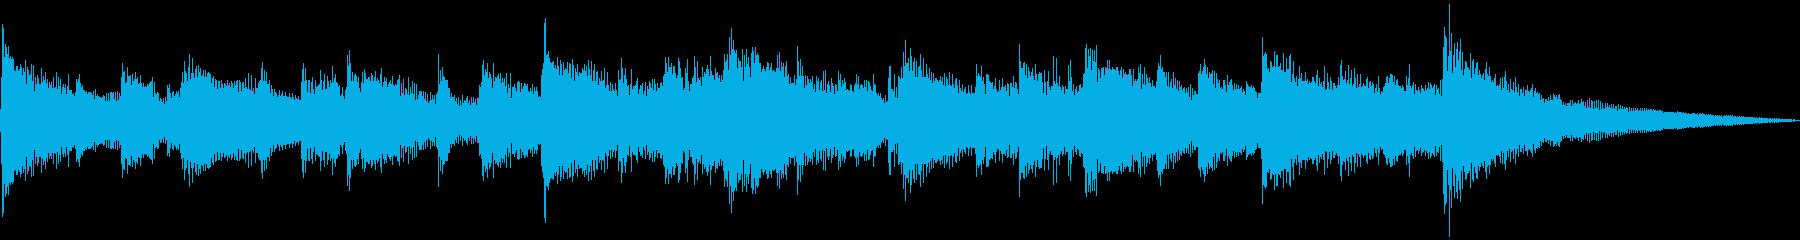 わくわくおしゃれ楽しいブルースbの再生済みの波形